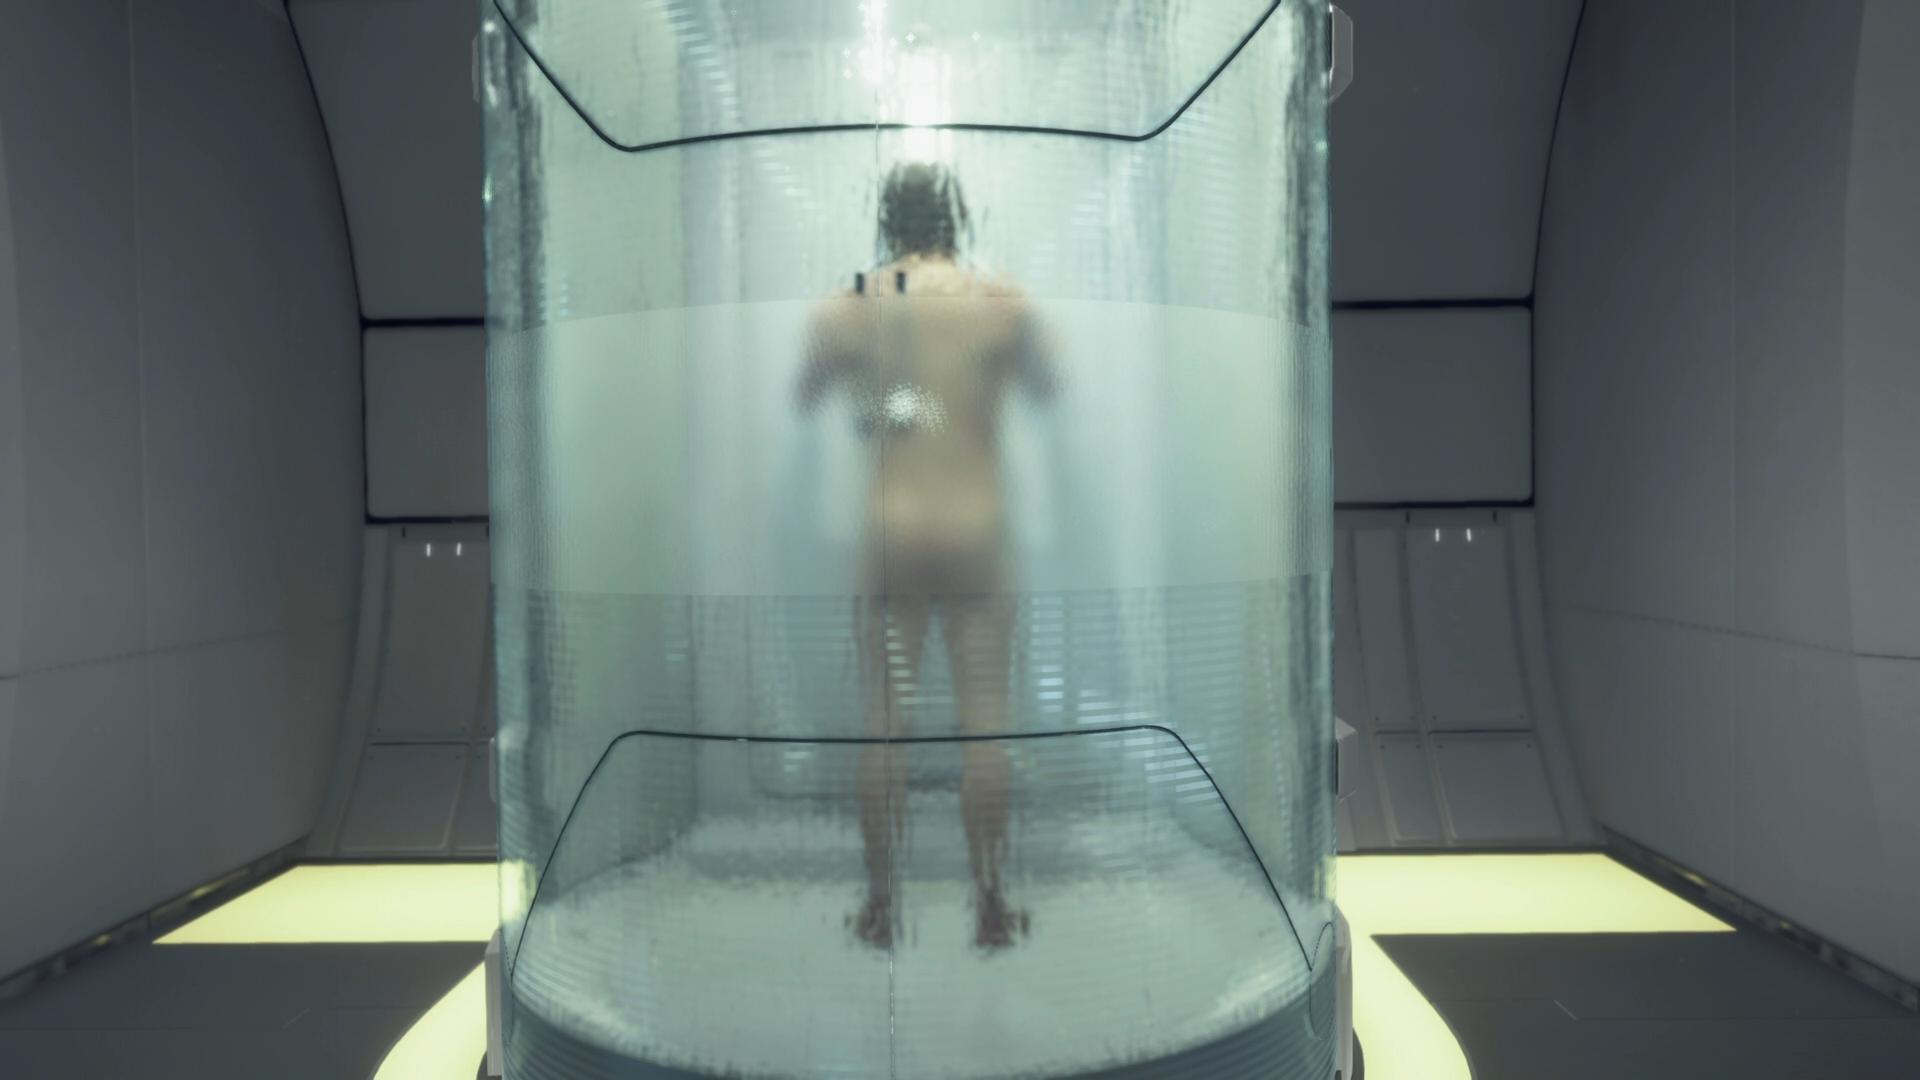 シャワー てこ に 意味 いよ 浴び 先